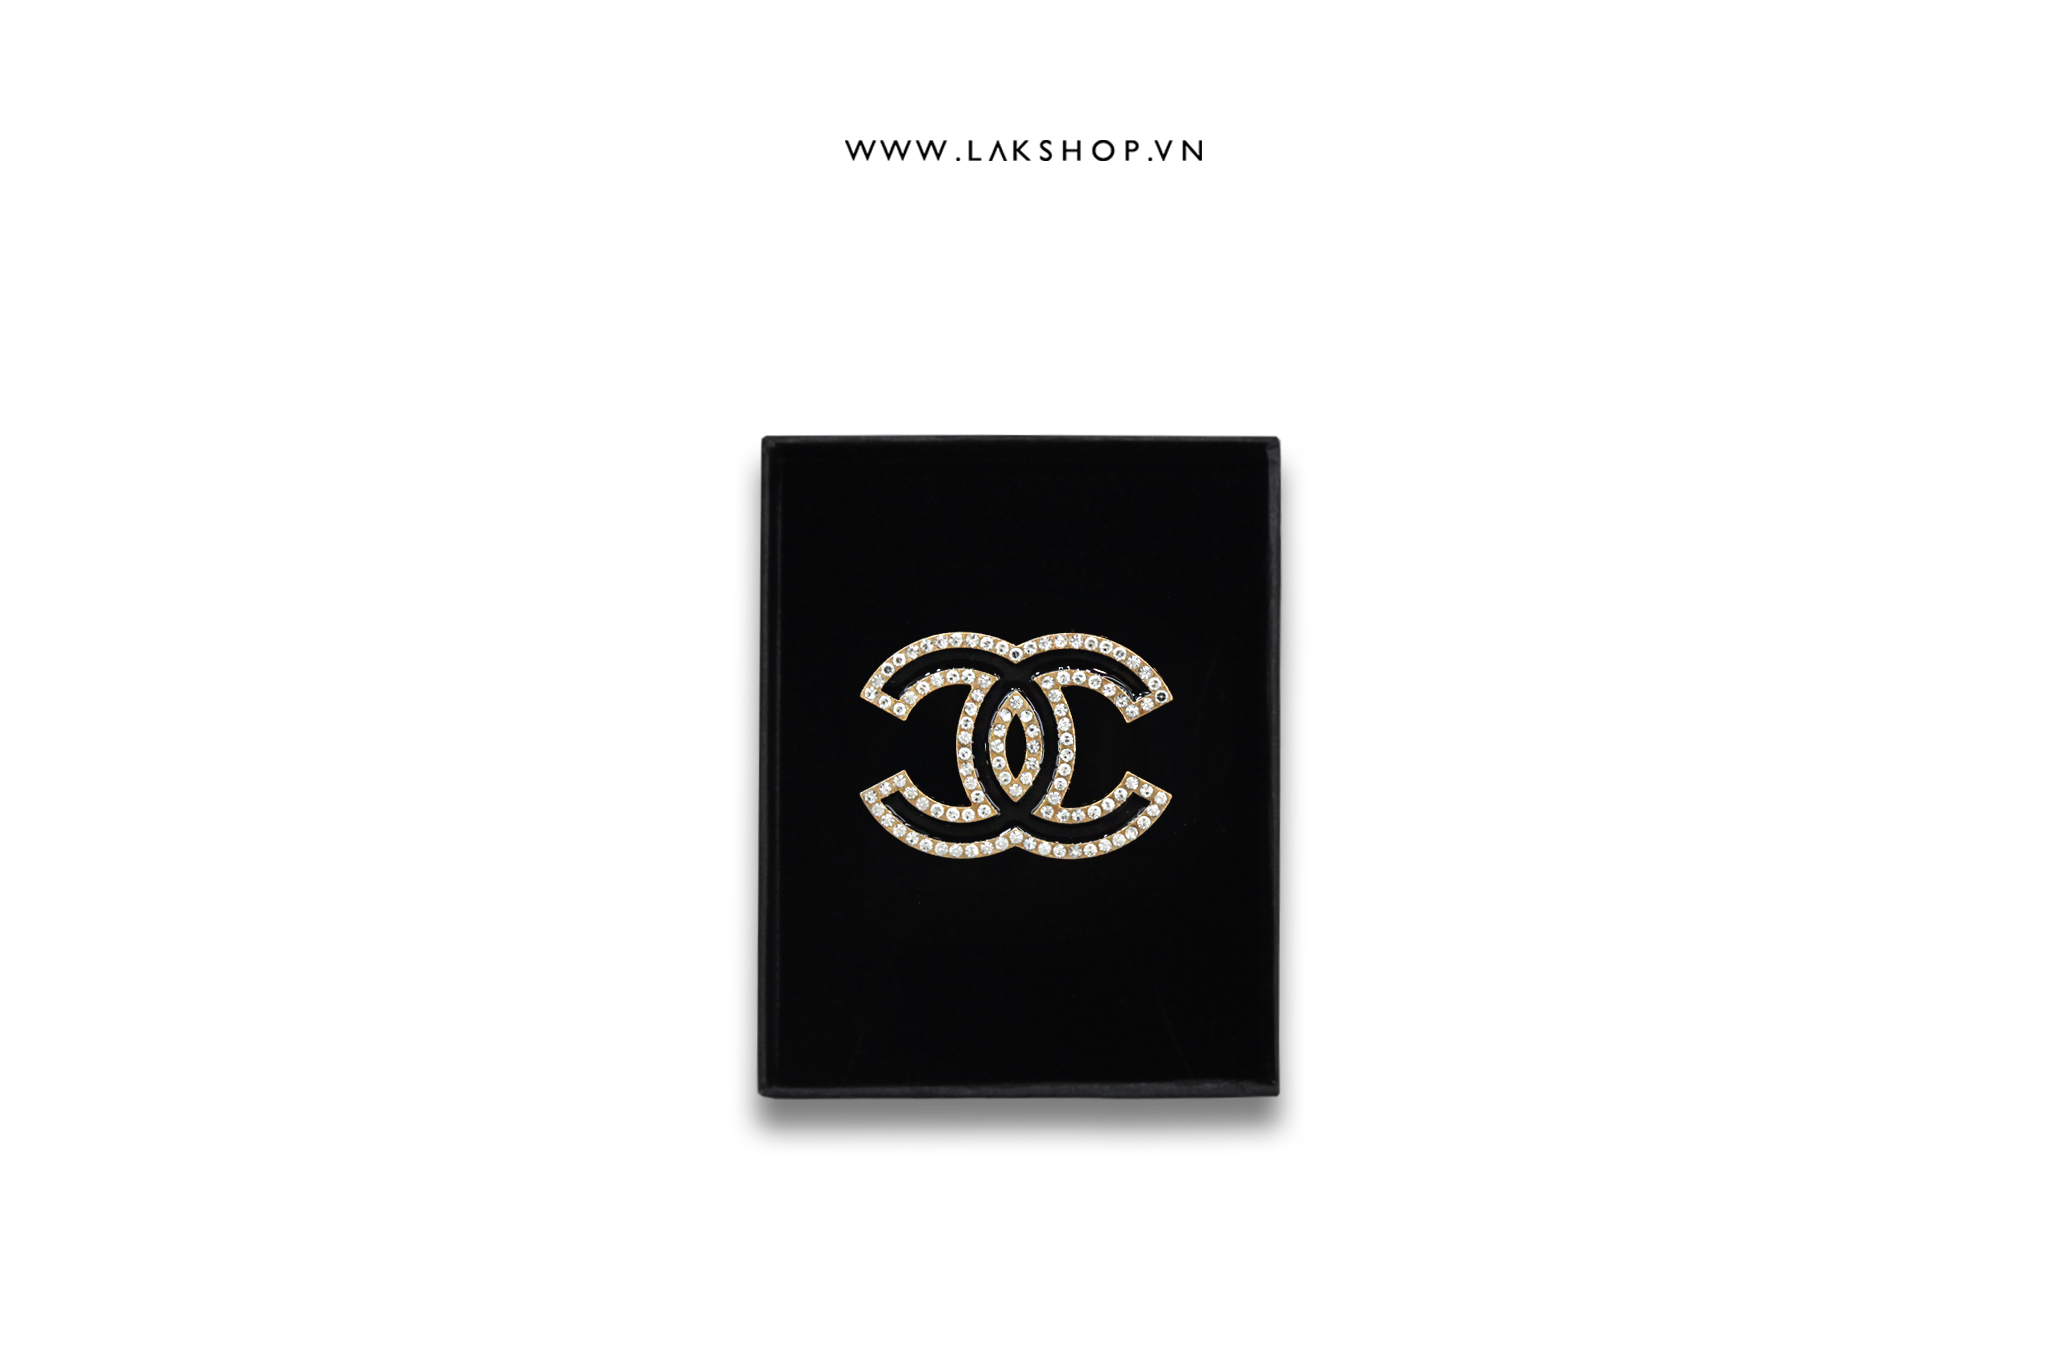 Trâm Cài Chanel Logo CC Đen viền đá